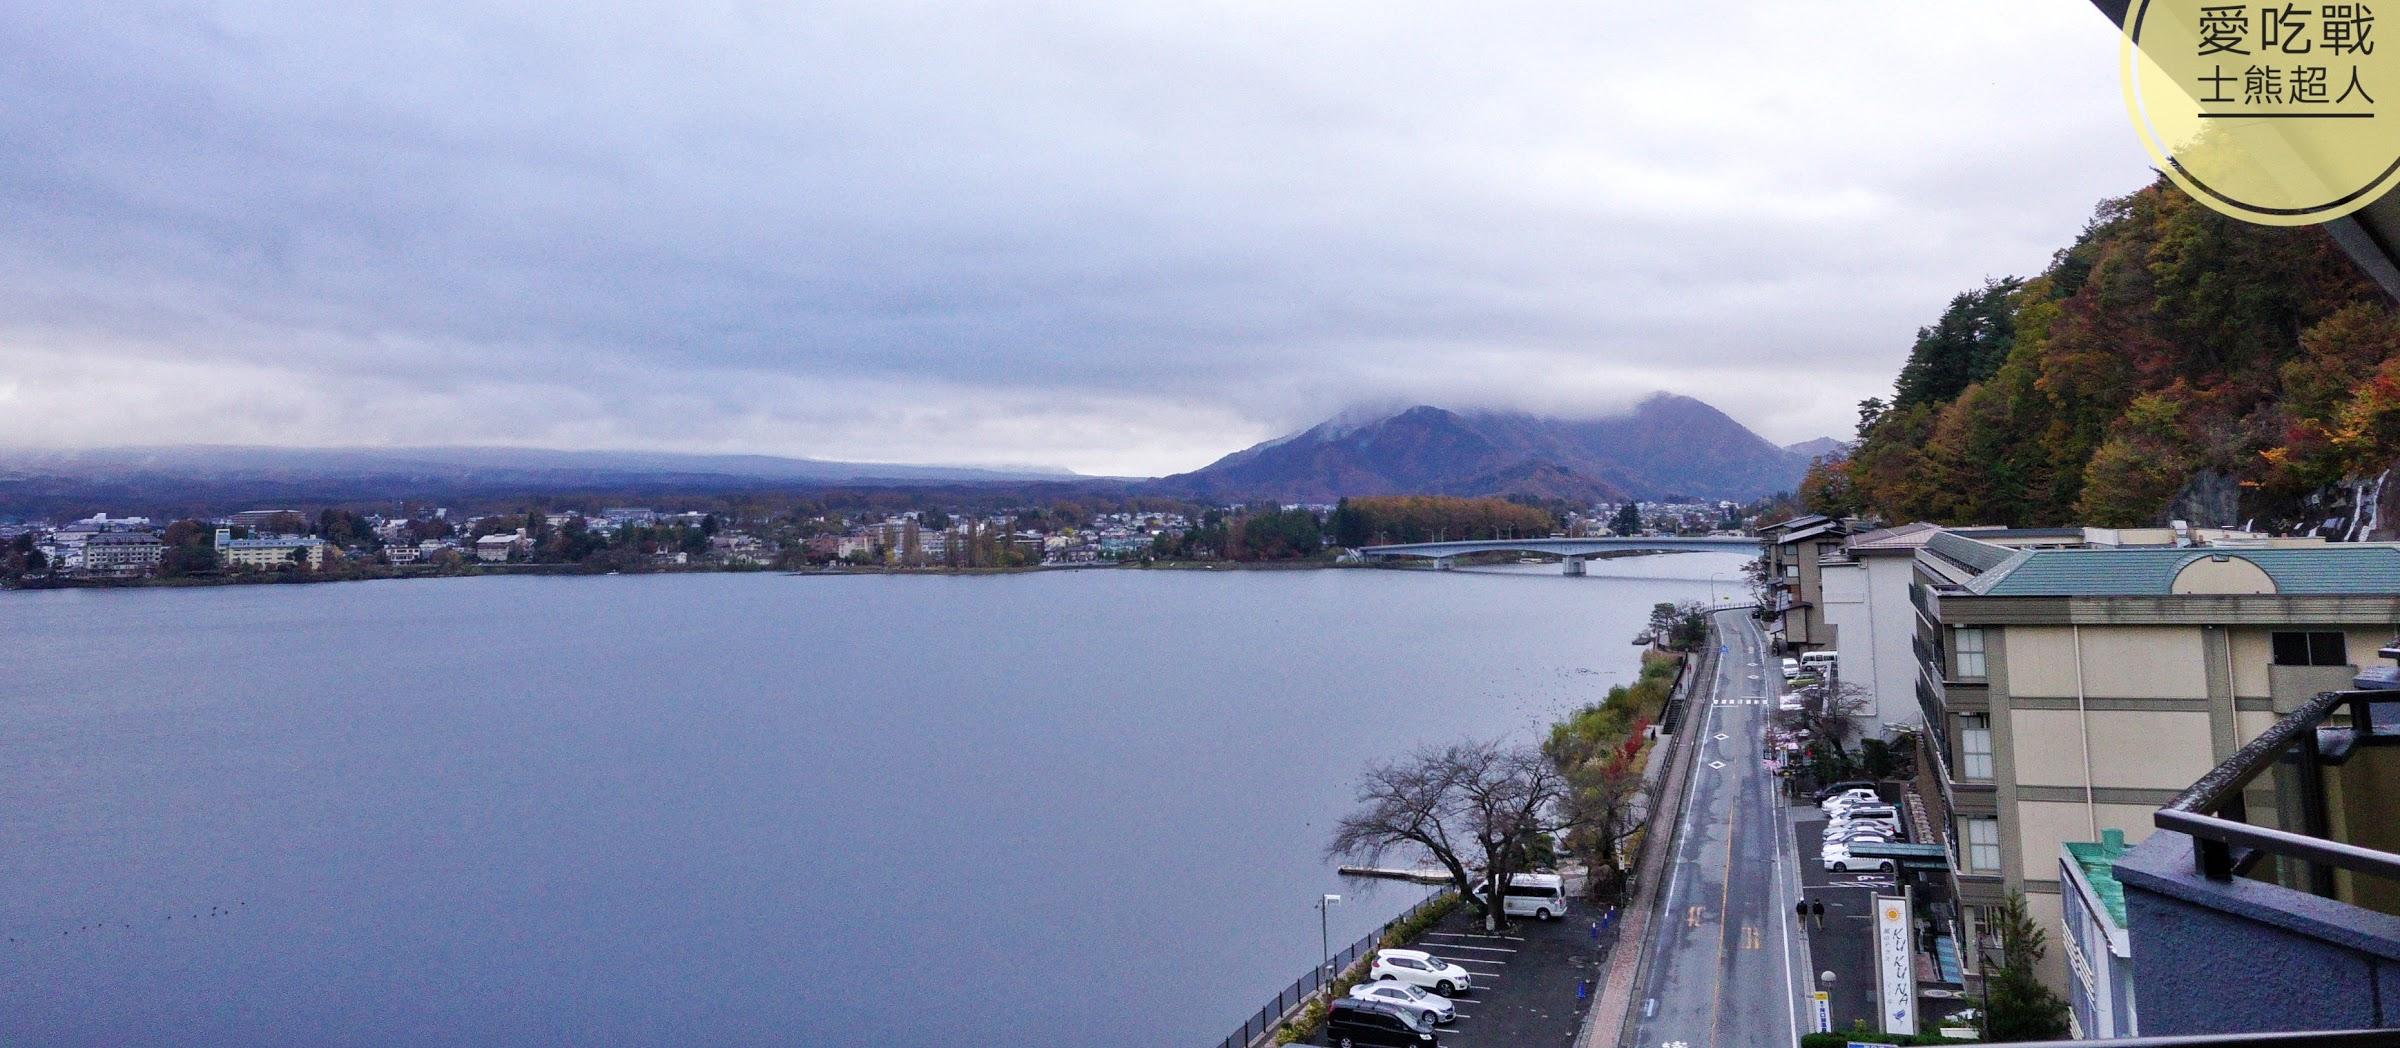 。山梨縣 河口湖。富士吟景Fuji Ginkei:可以看著富士山享受的露天溫泉,老字號的湖景飯店。